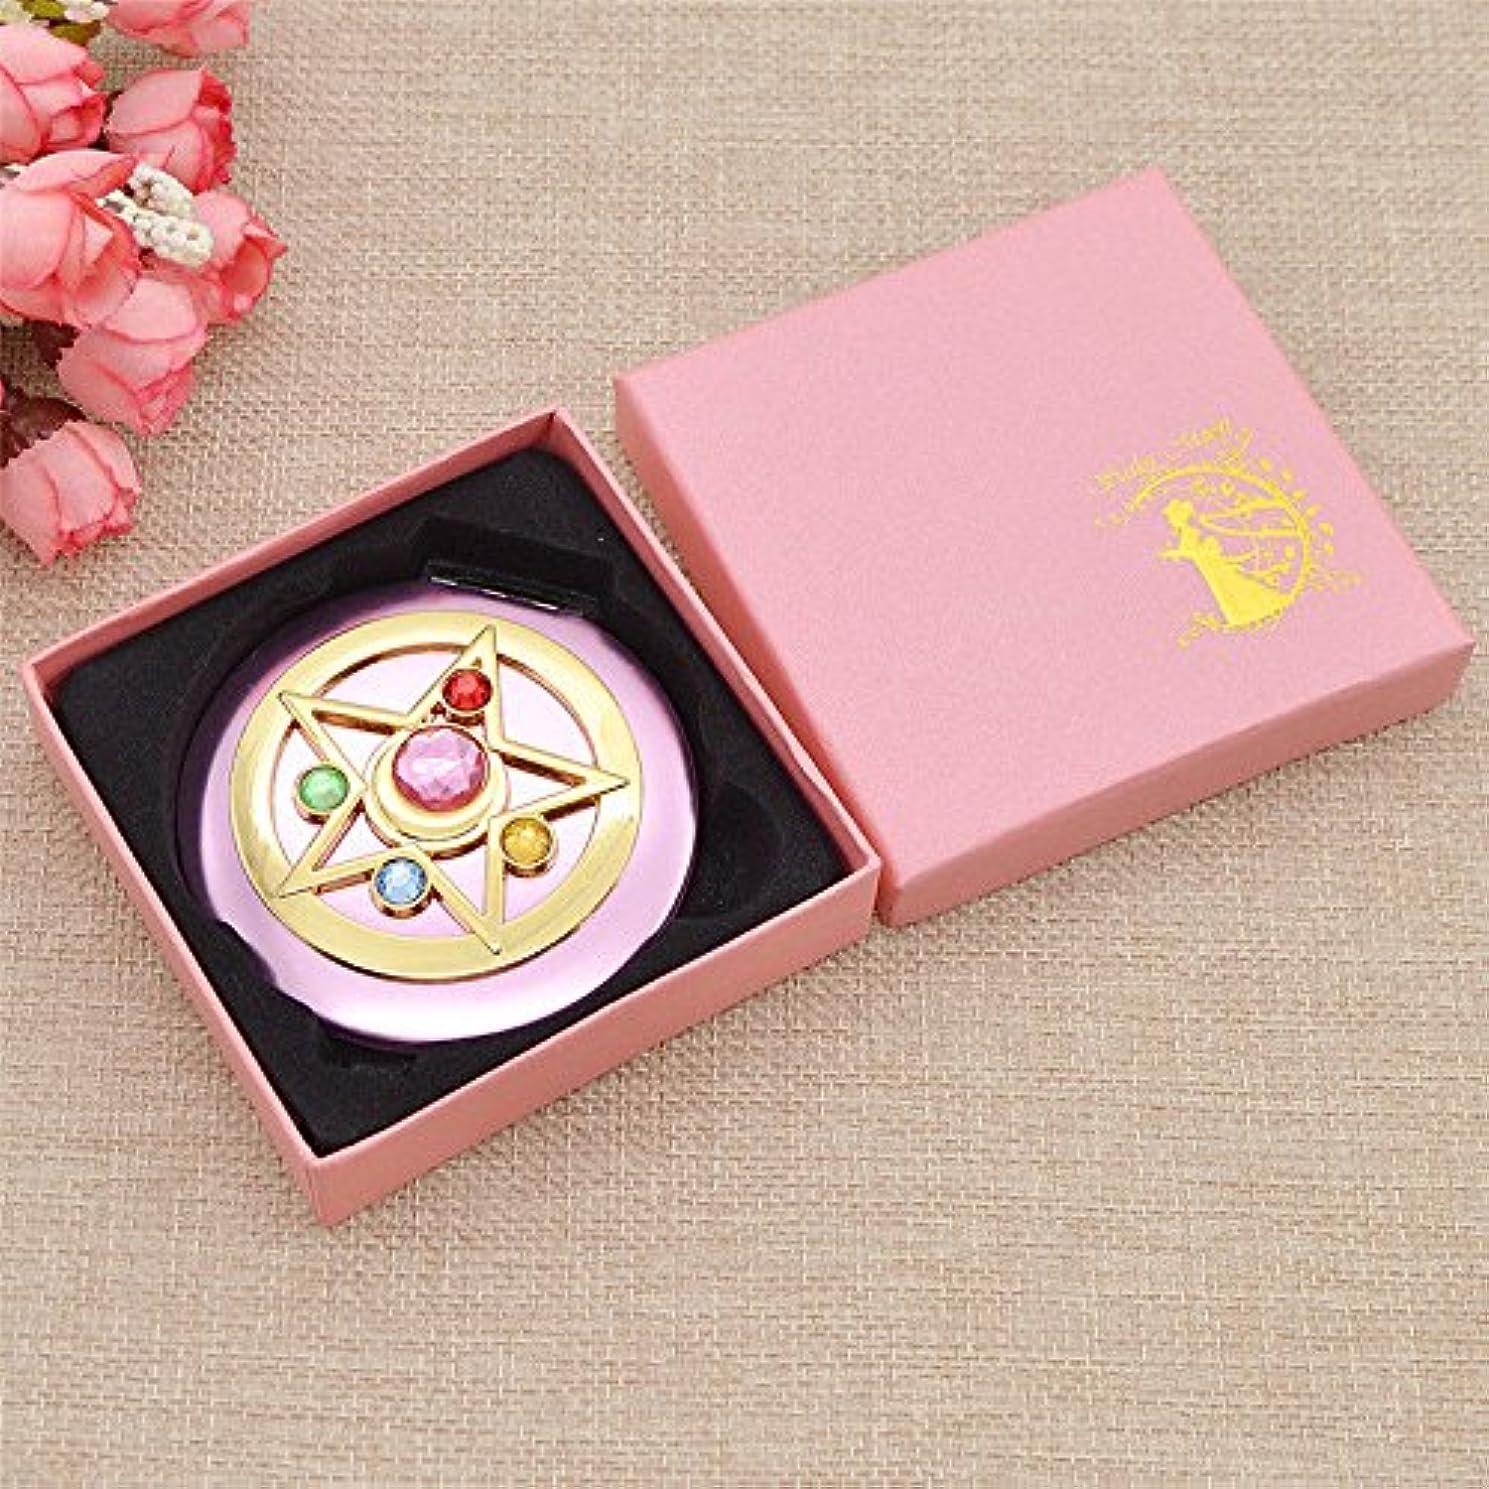 ペルーオーロック再生SailorMoon/SailorMooncrystal/MakeupMirror/Mirror/セーラームーン/セーラームーンクリスタル/メイクミラー/ミラー/鏡/Mini Anime Sailor Moon Make...